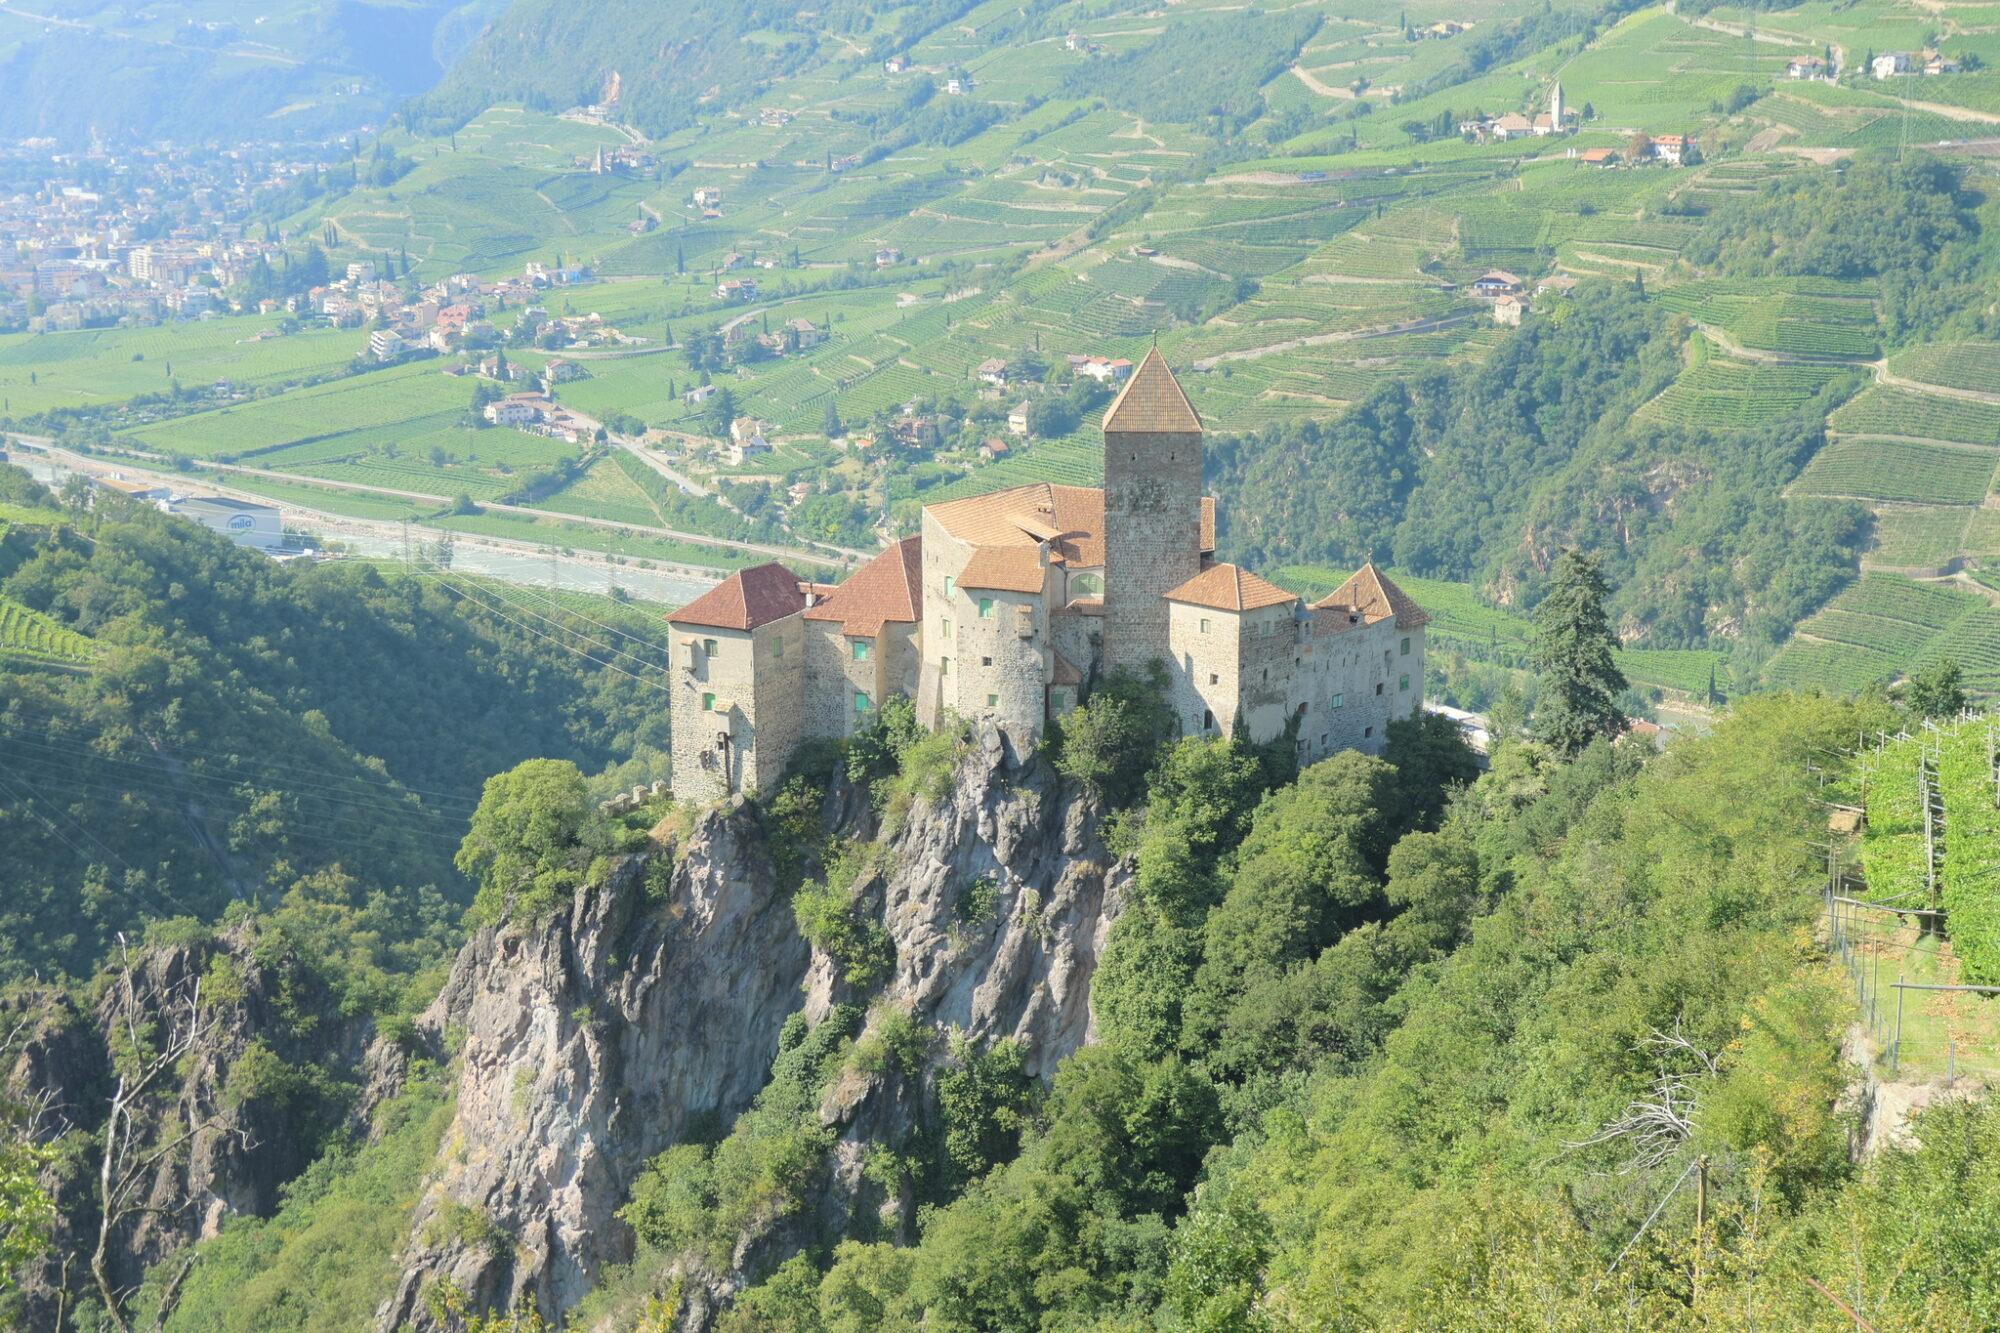 Karneid Castle